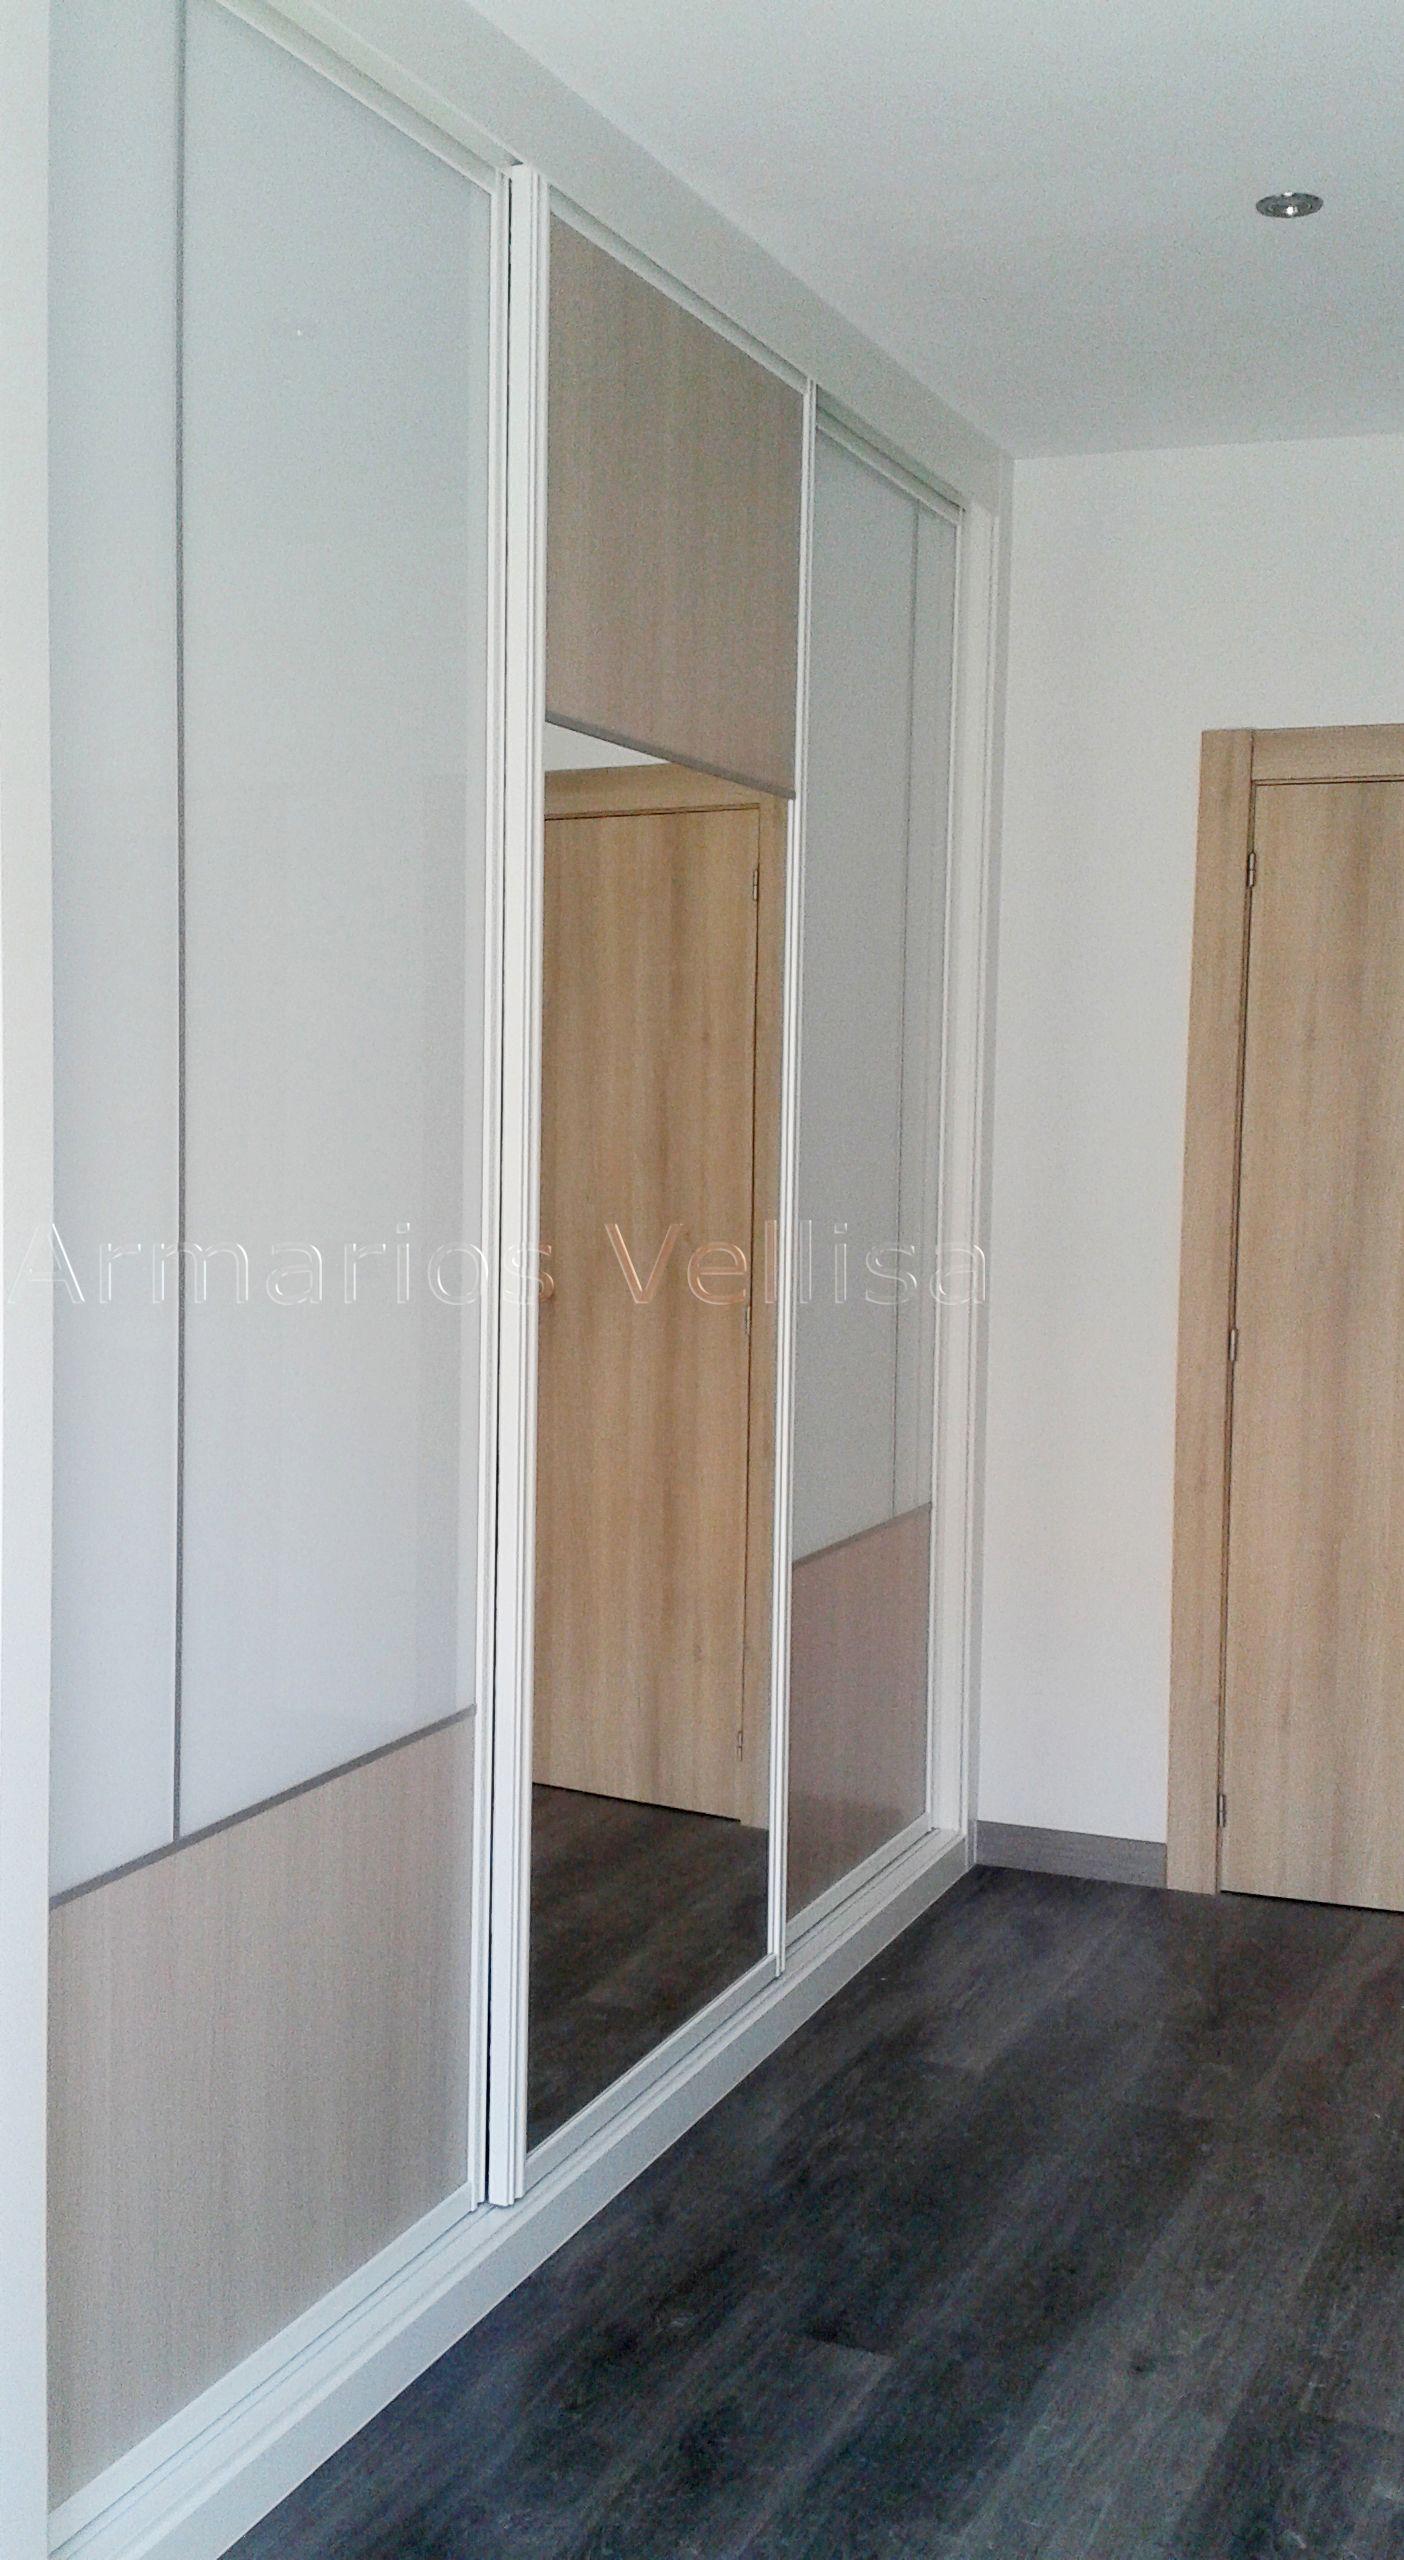 Armario En Dormitorio Principal 262 X 290 X 65 Puertas Correderas - Armarios-empotrados-de-aluminio